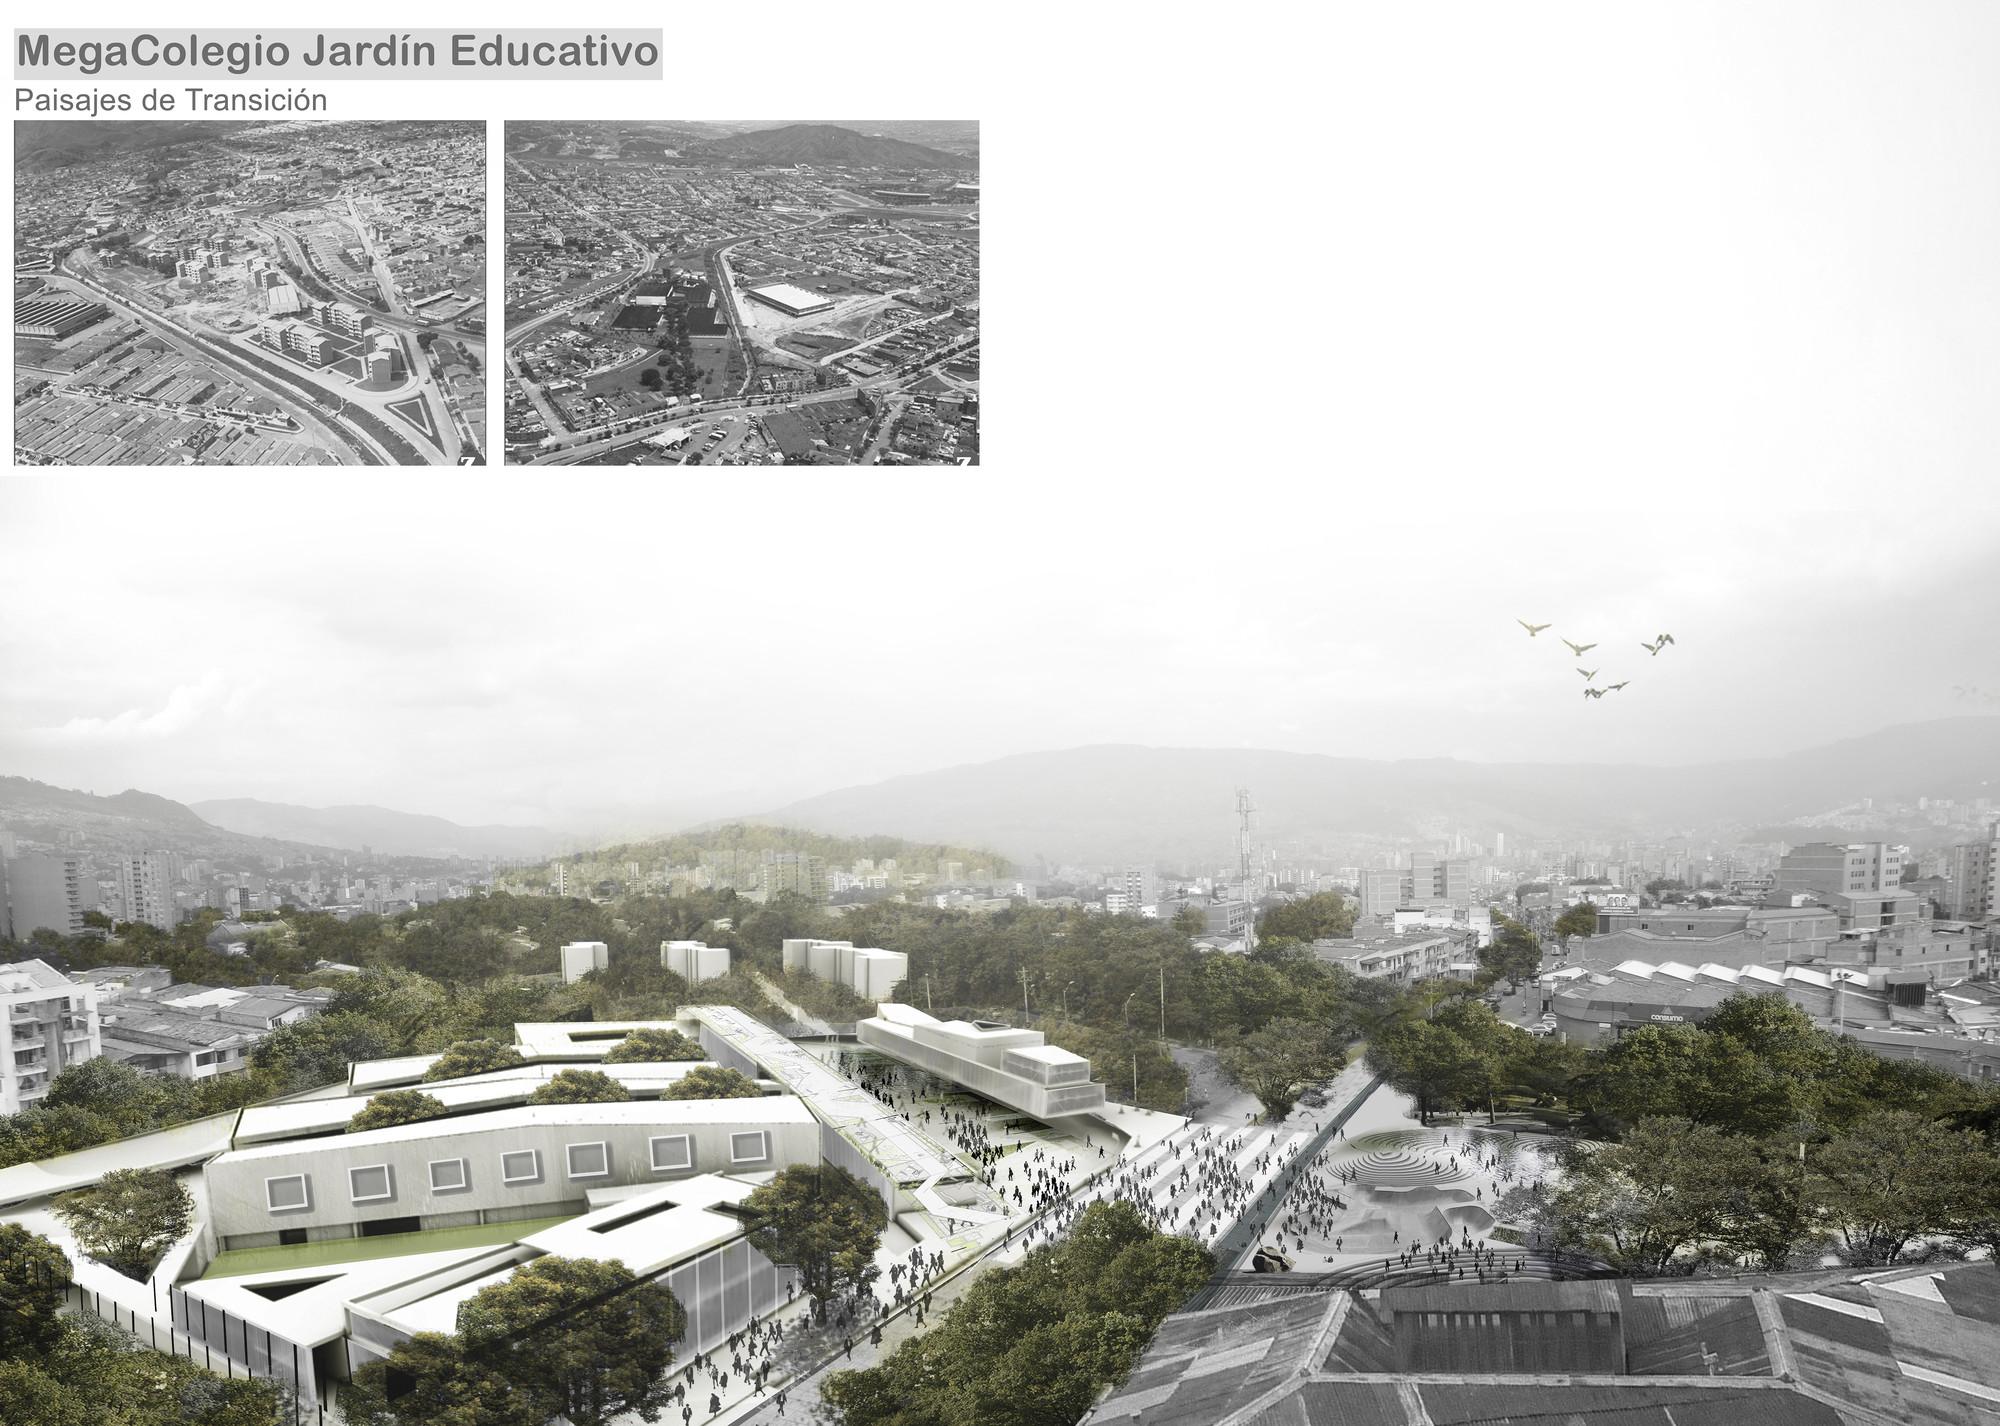 MegaColegio Jardín Educativo Ana Díaz, equipamiento educacional a escala urbana en Medellín, MegaColegio: vista general. Image Courtesy of Equipo desarrollador